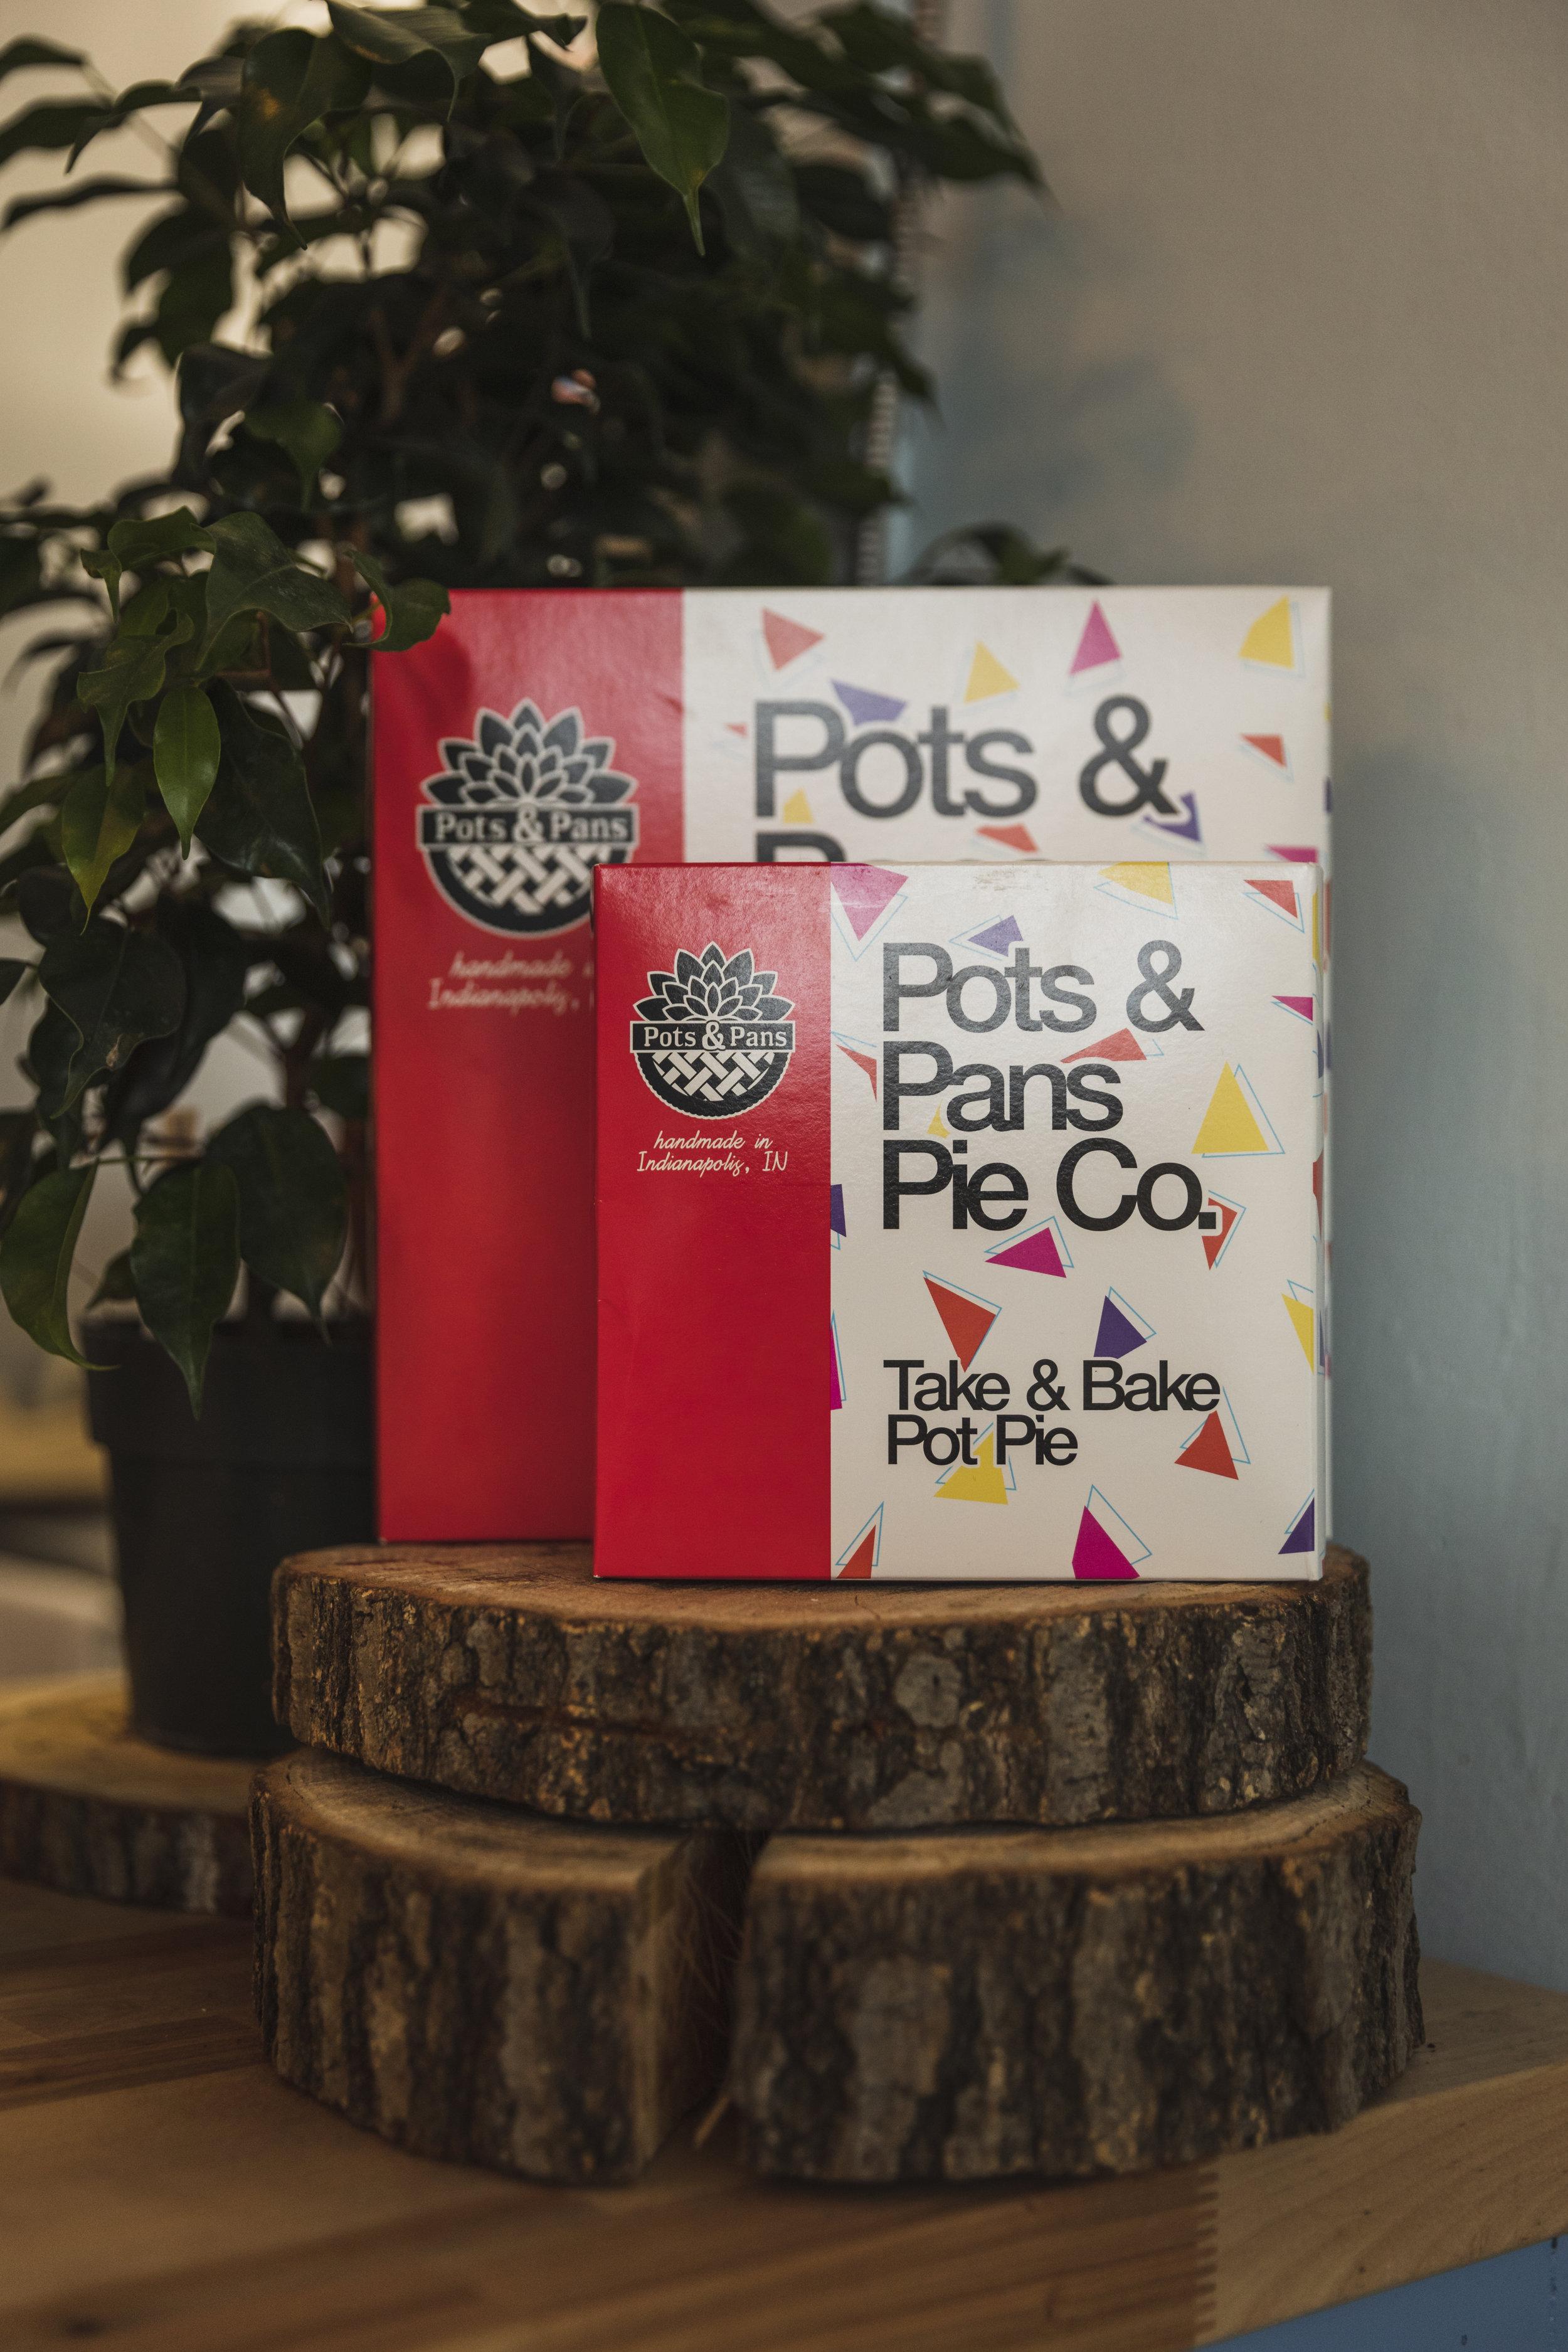 Take & Bake Pot Pies